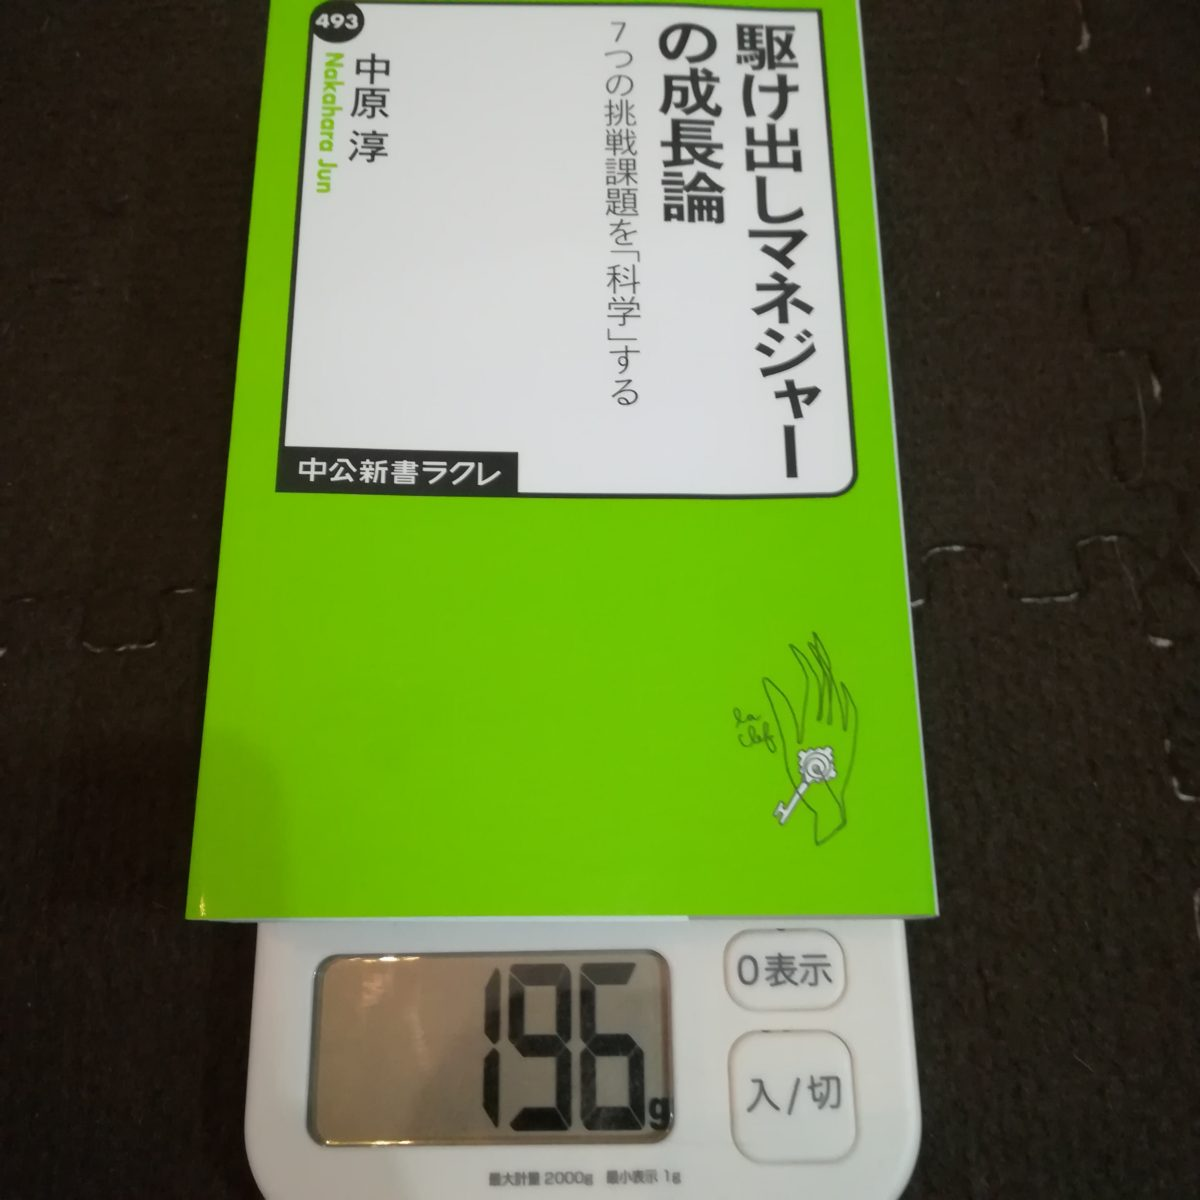 【行動②本を1トン読む】20190531